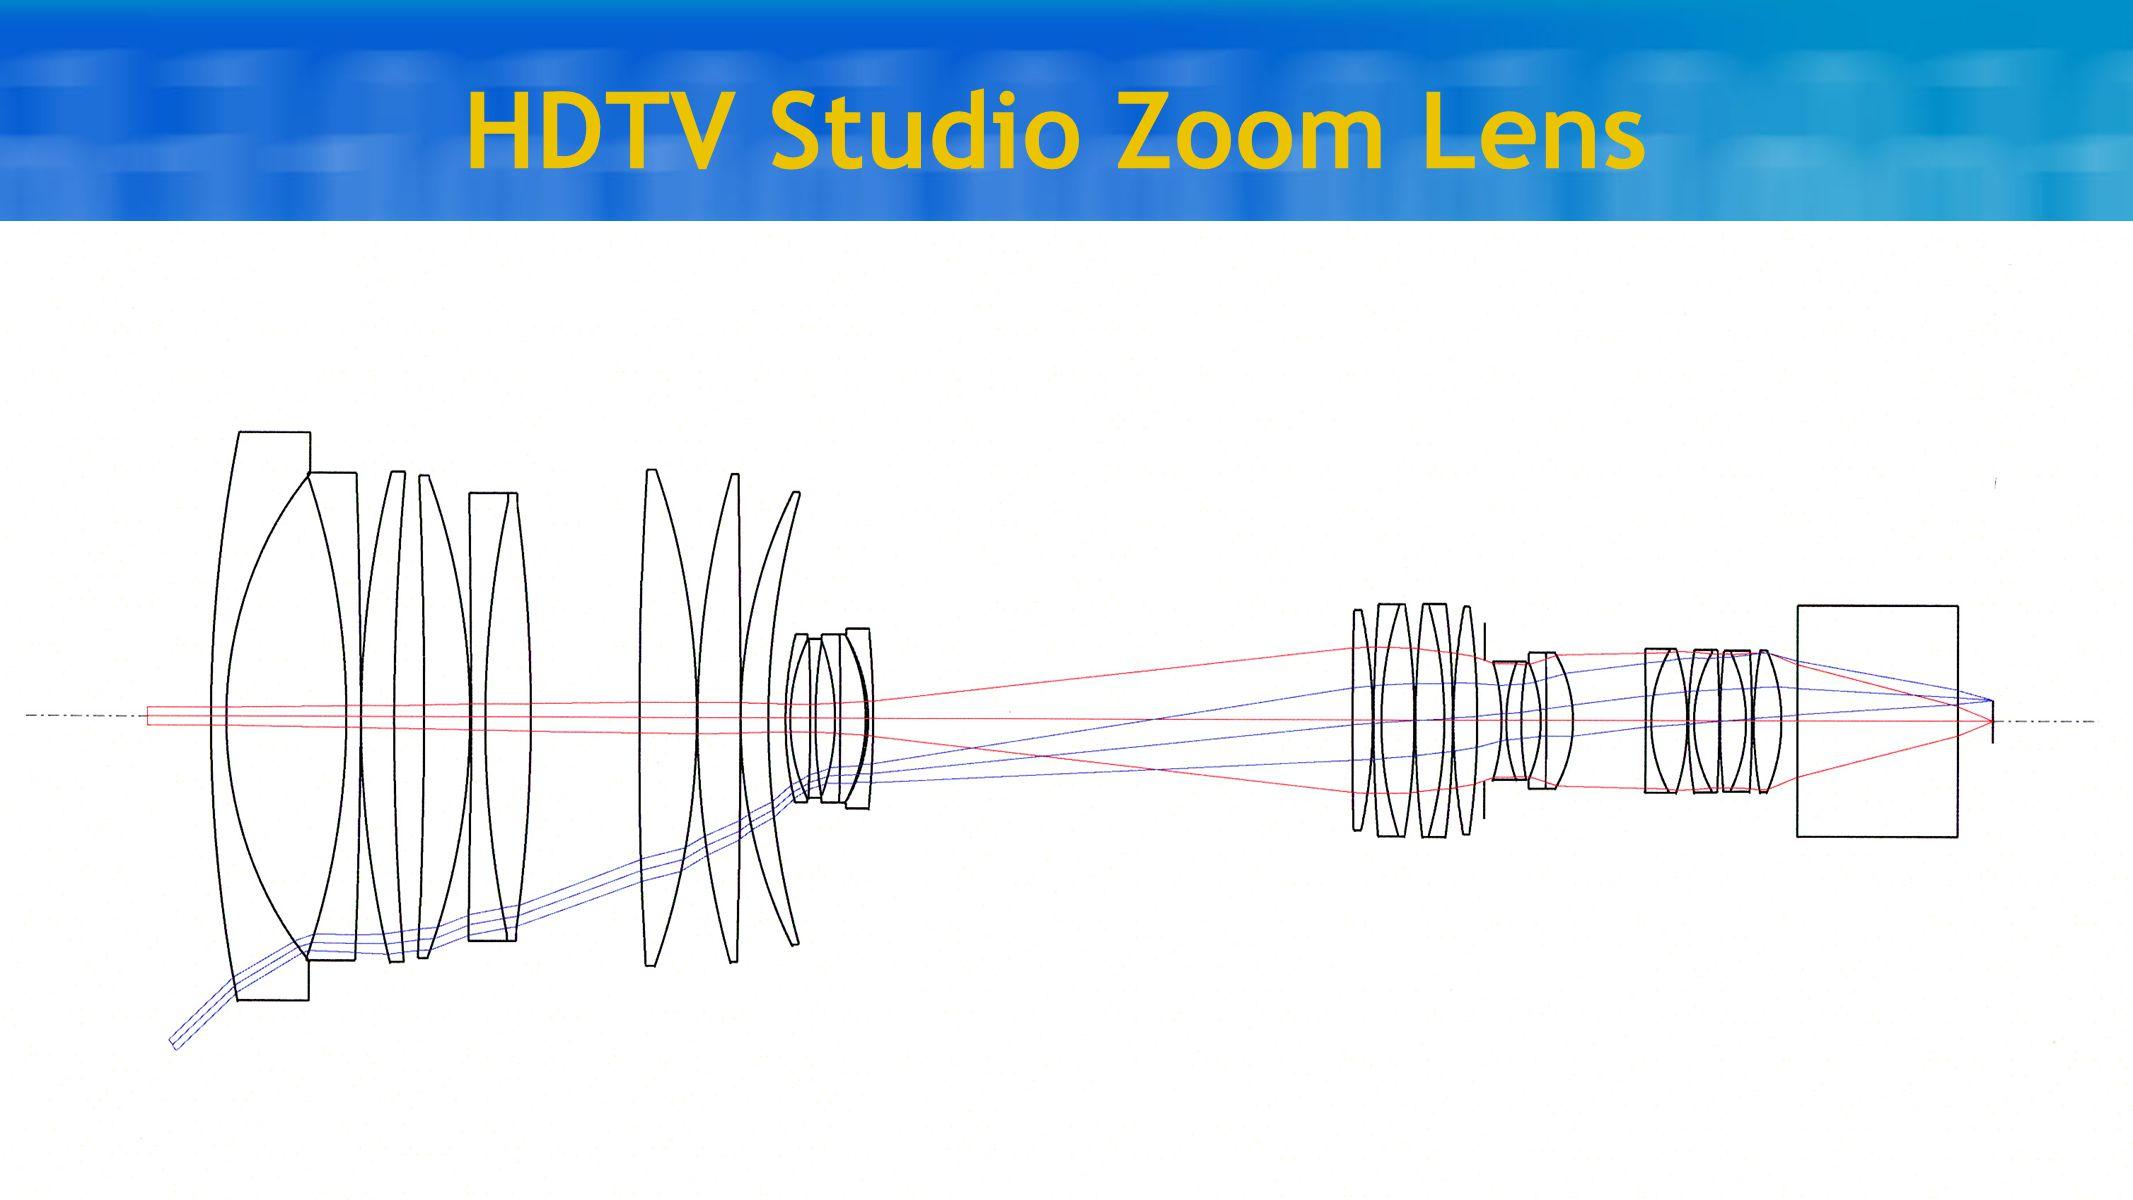 HDTV Studio Zoom Lens